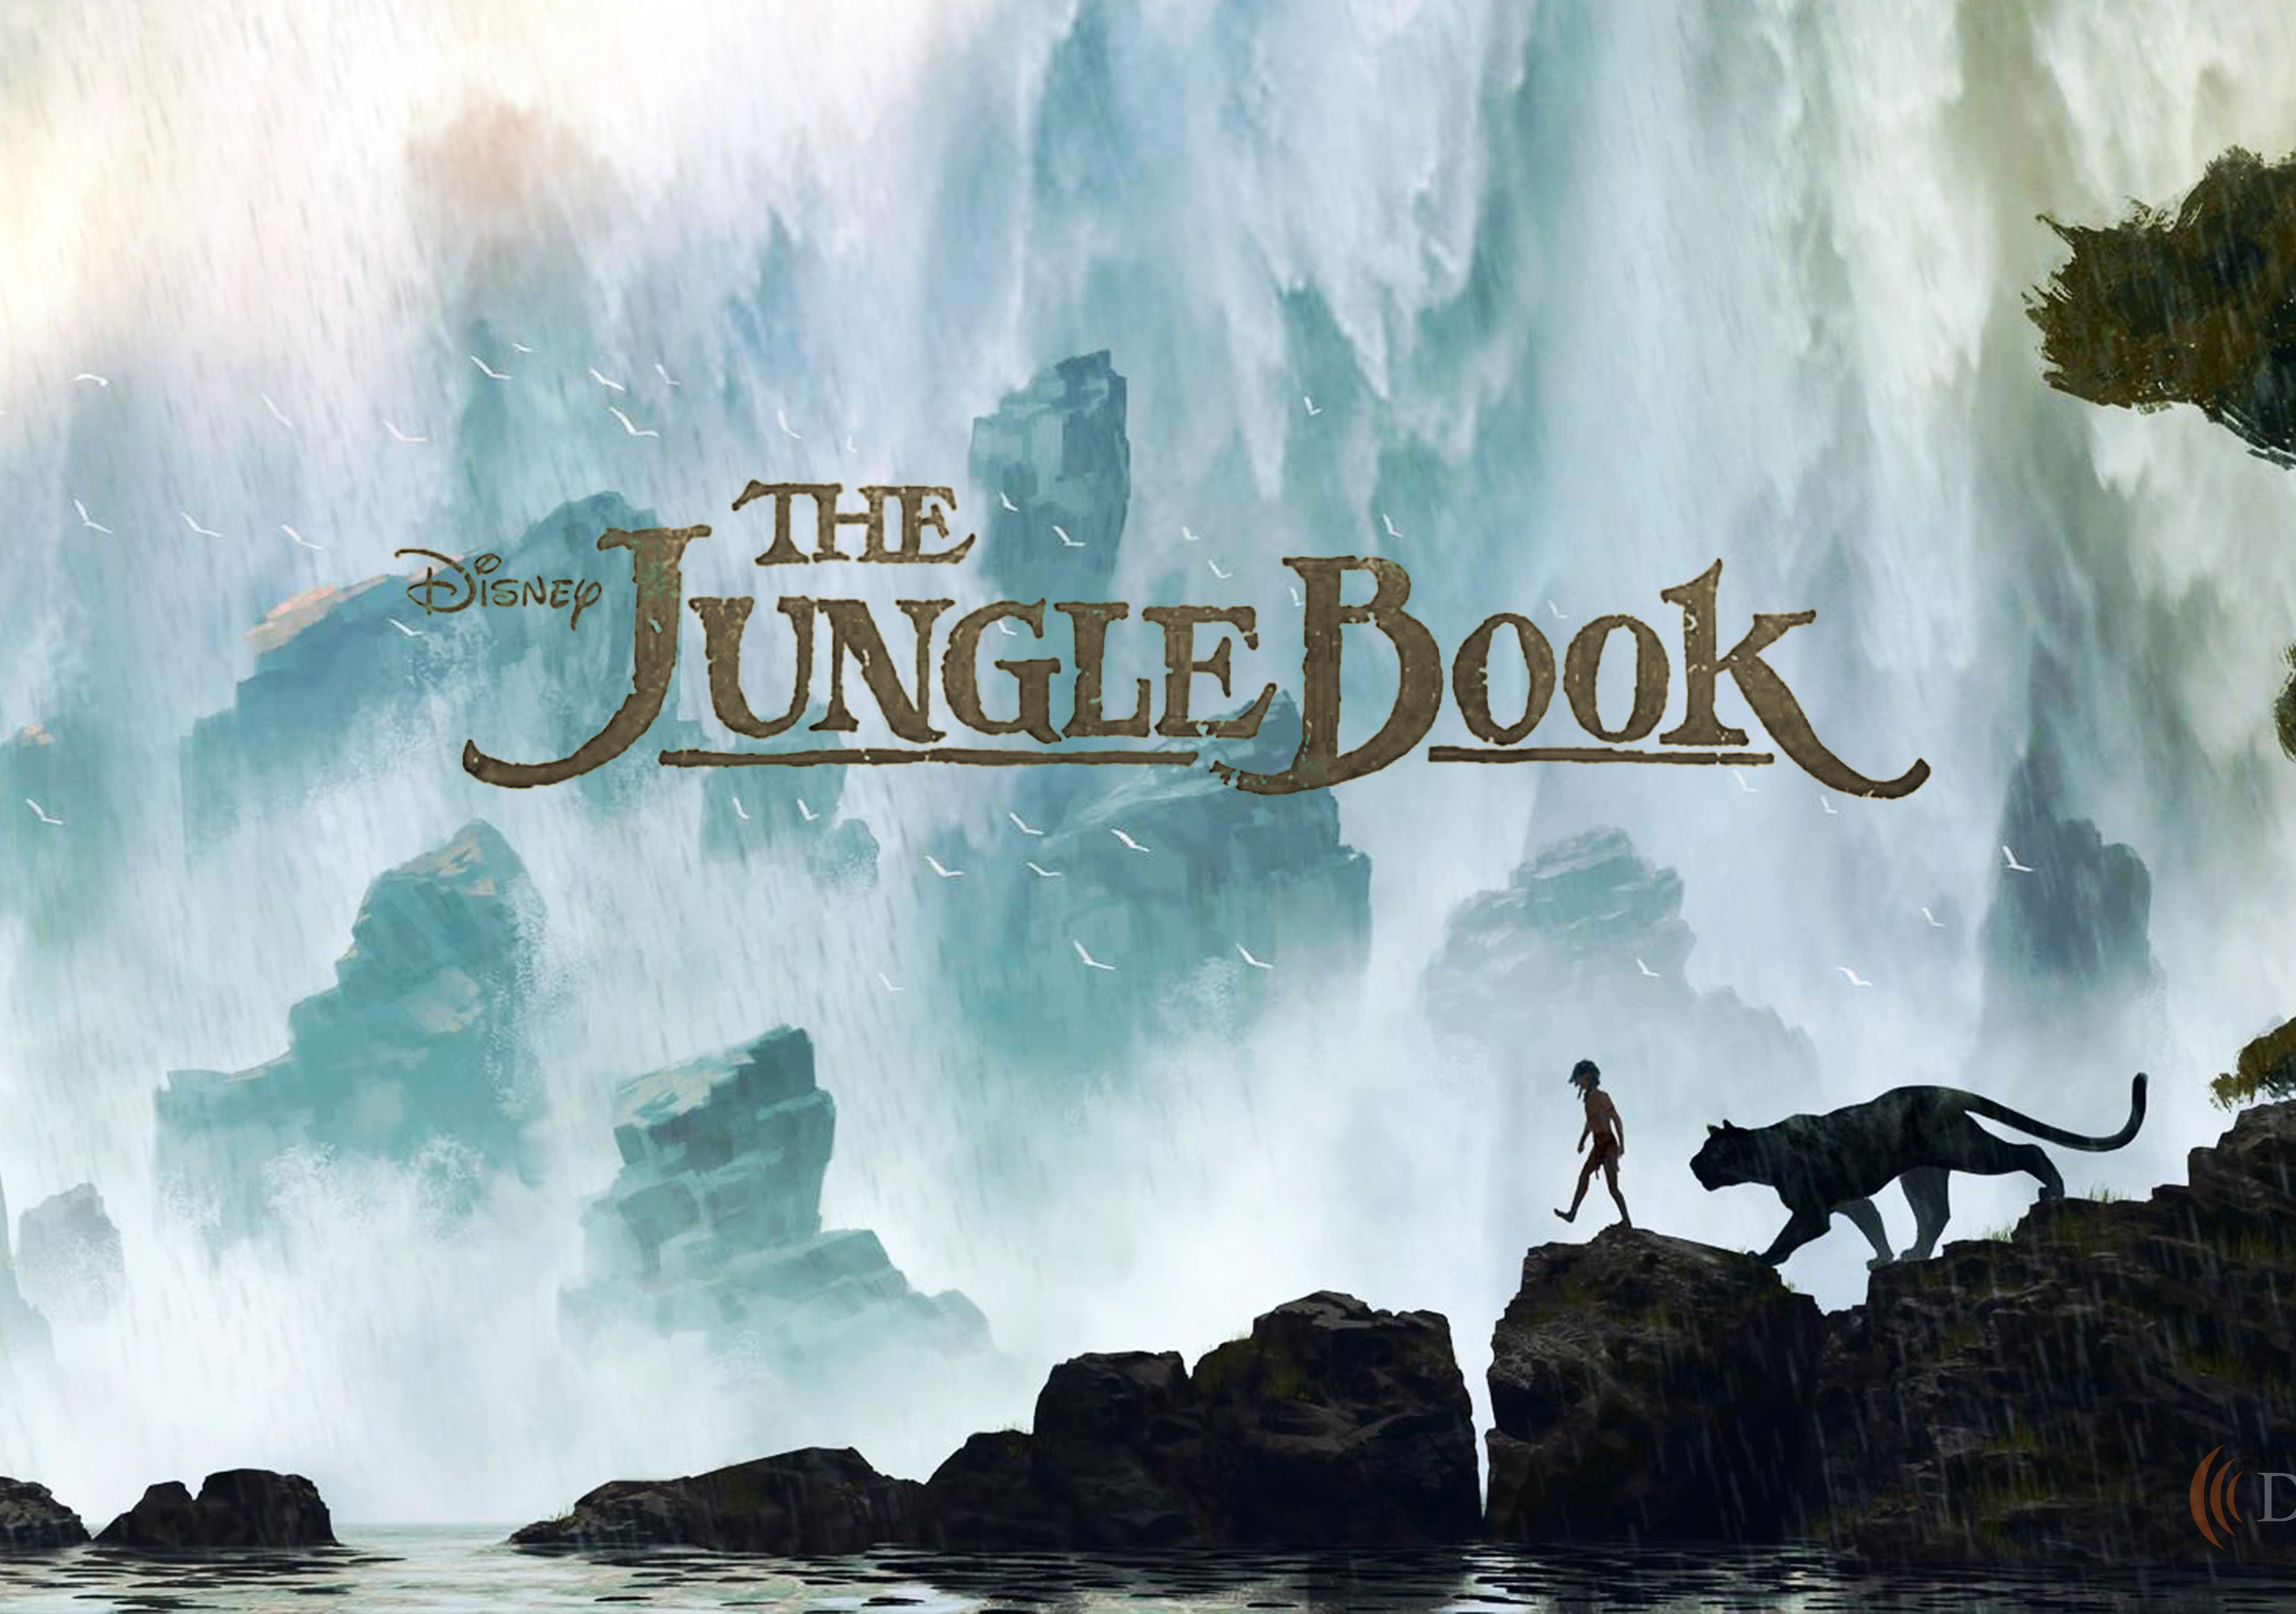 Los animales hablan en el nuevo tráiler de The Jungle Book